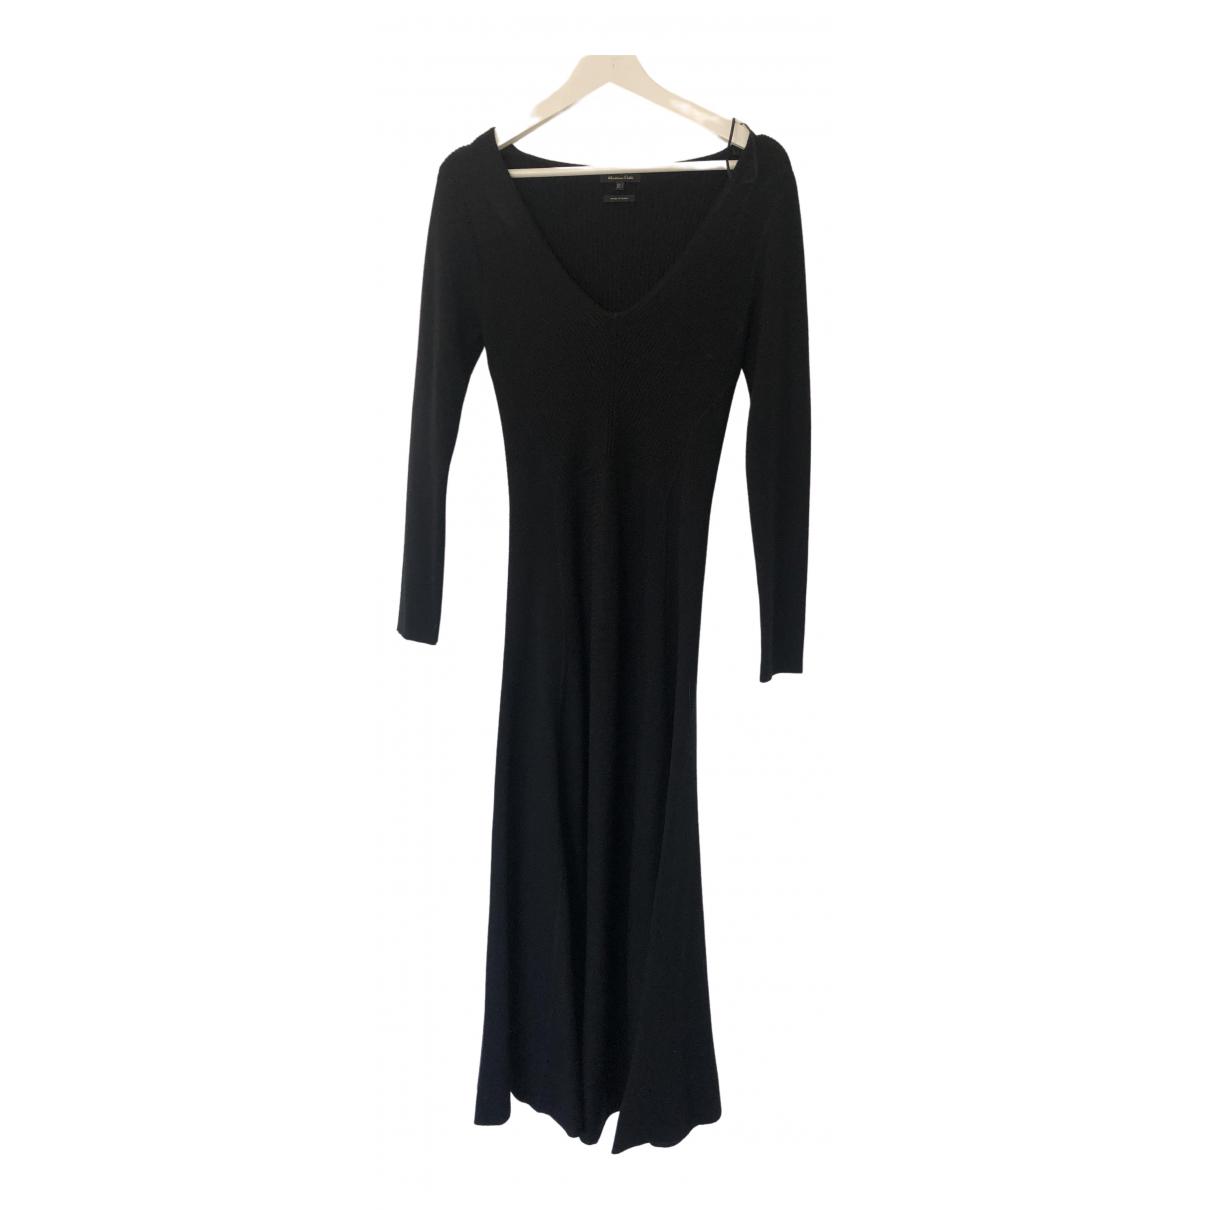 Massimo Dutti \N Kleid in  Schwarz Wolle